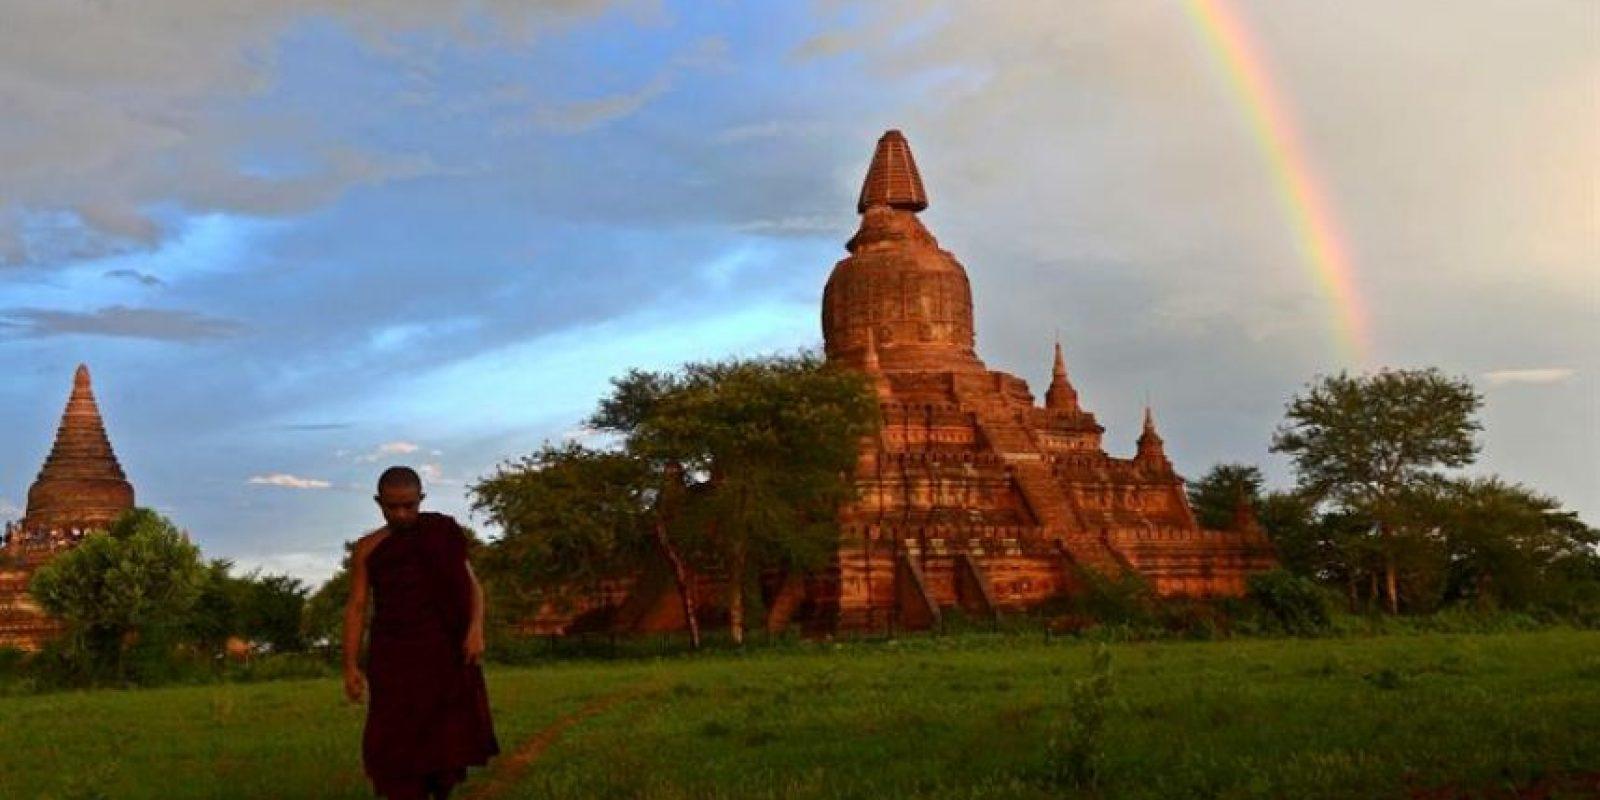 Un monje camina en un campo cerca del templo afectado por el terremoto en Bagan, Birmania Foto:EFE